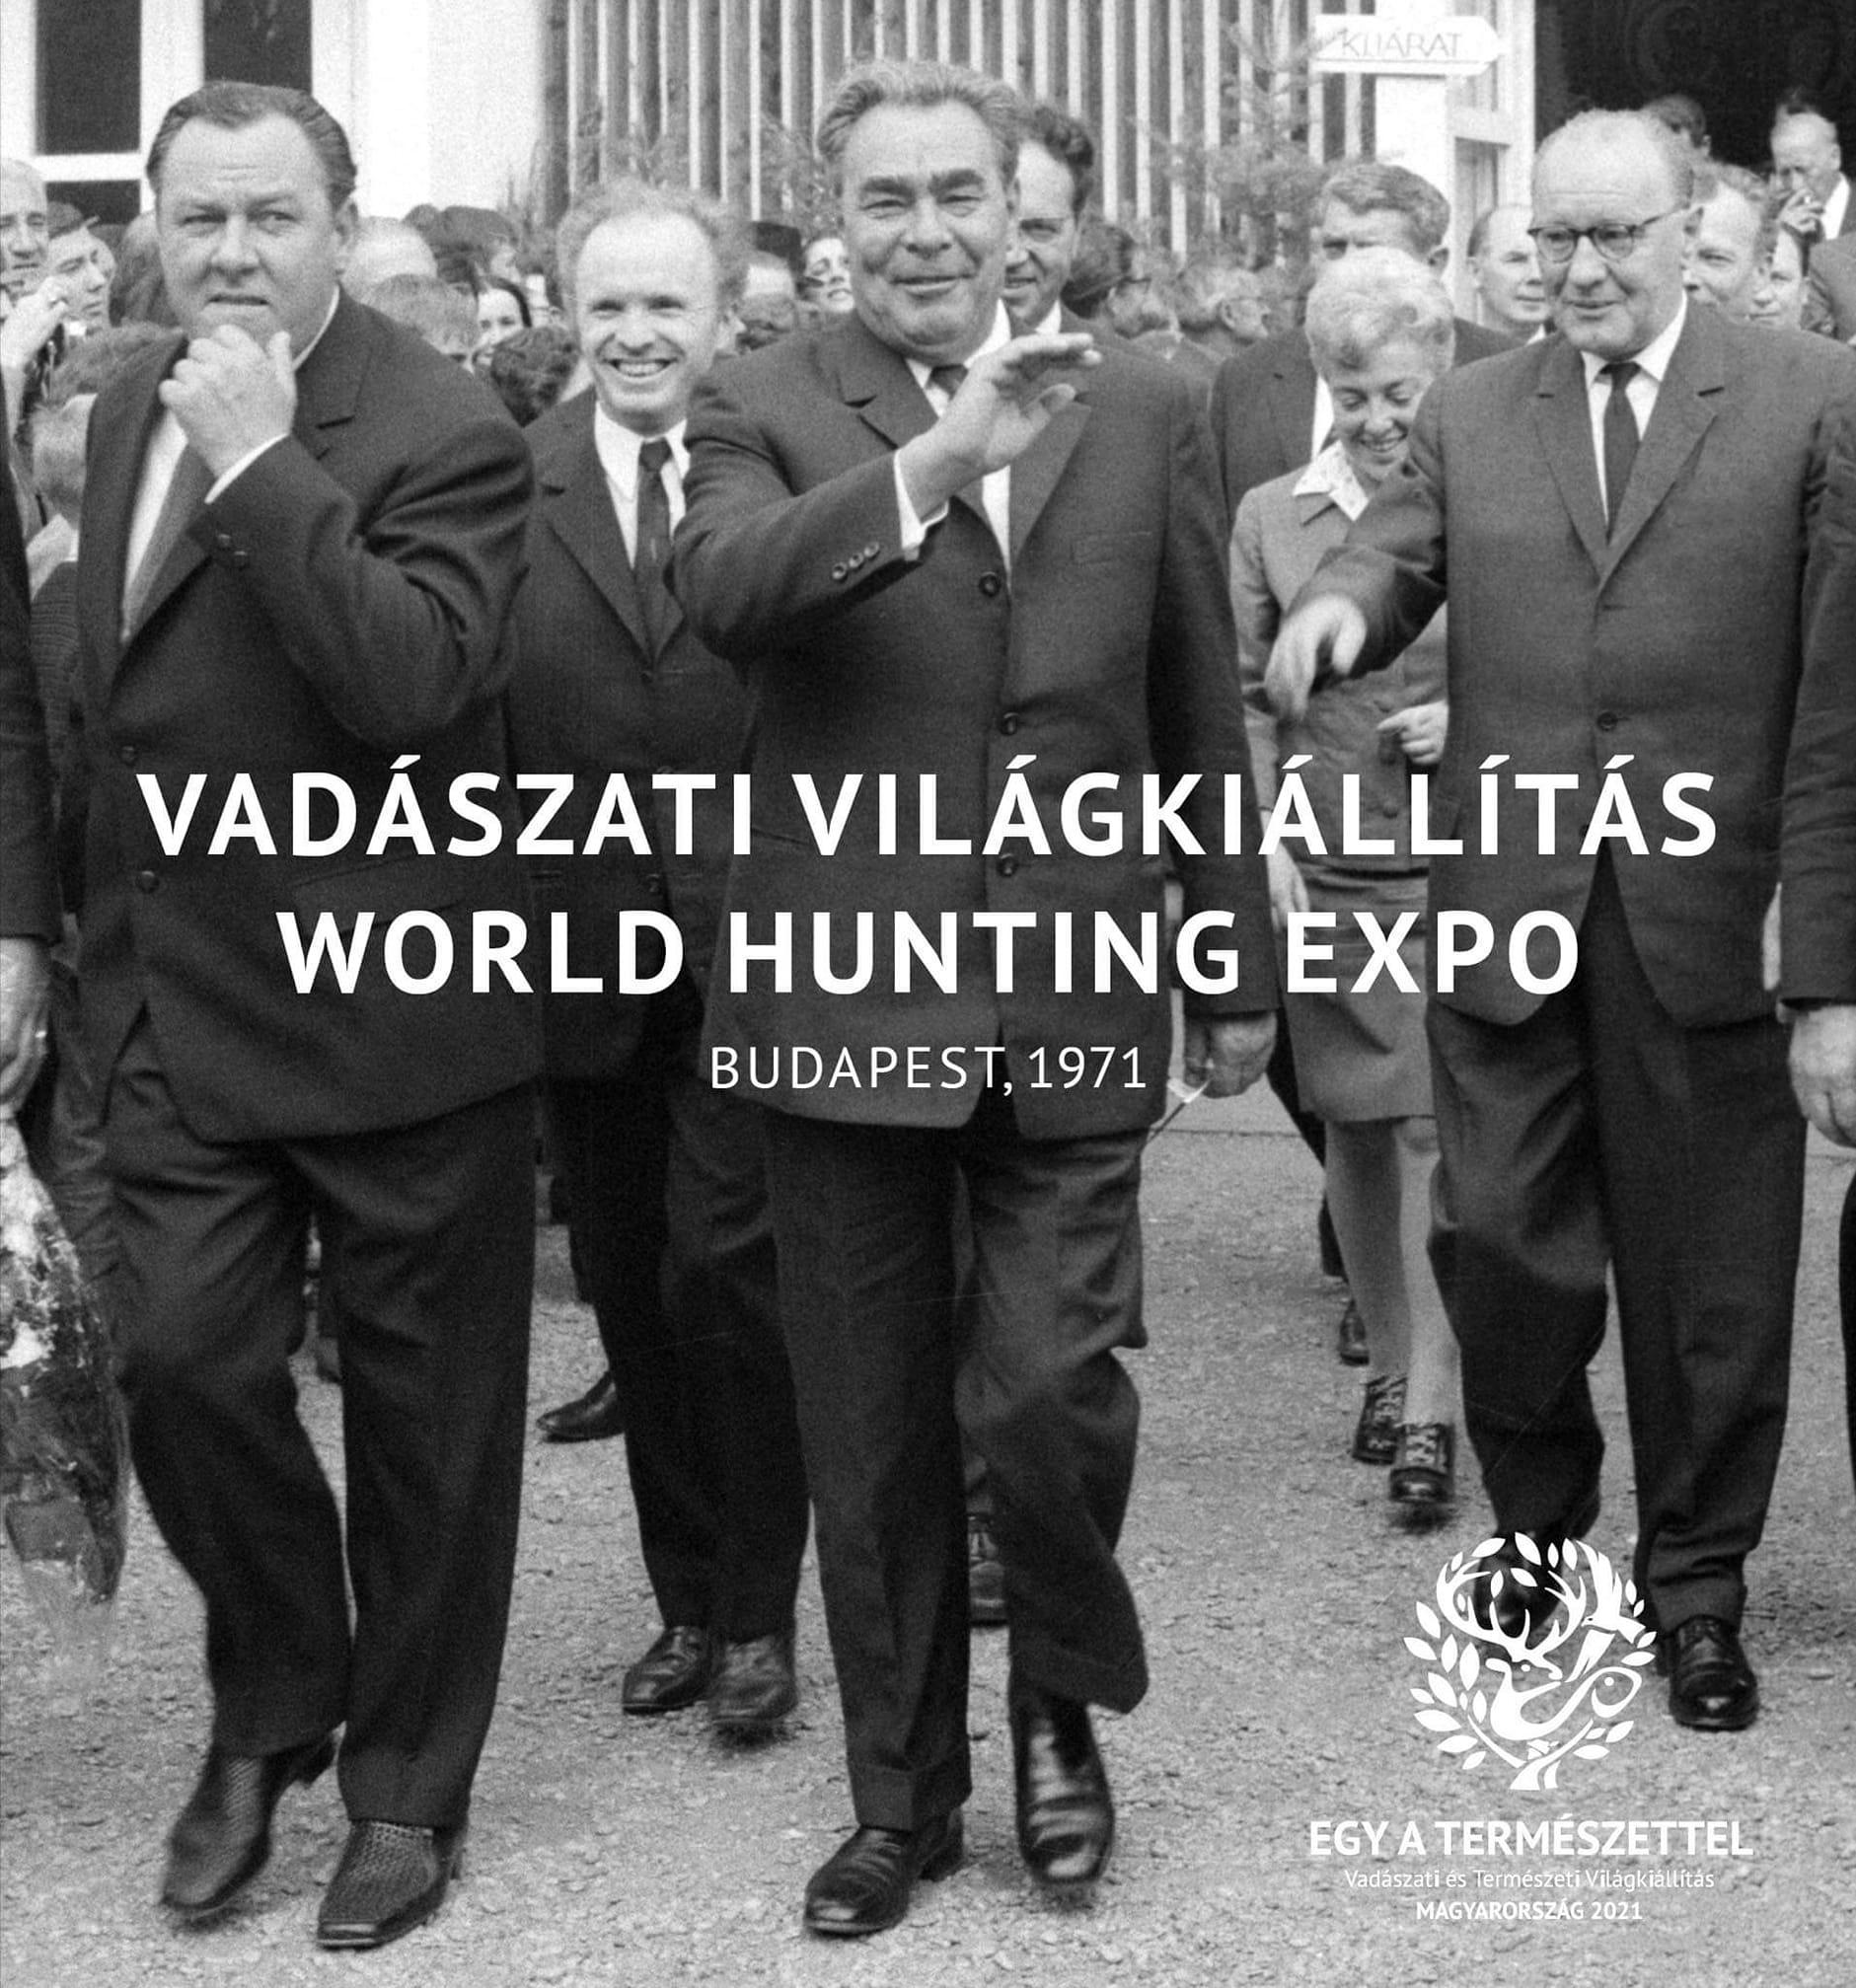 Bevállalják? Kádár-fotóval reklámozza a 71-es vadászati világkiállításról szóló, általa szerkesztett kötetet L. Simon László